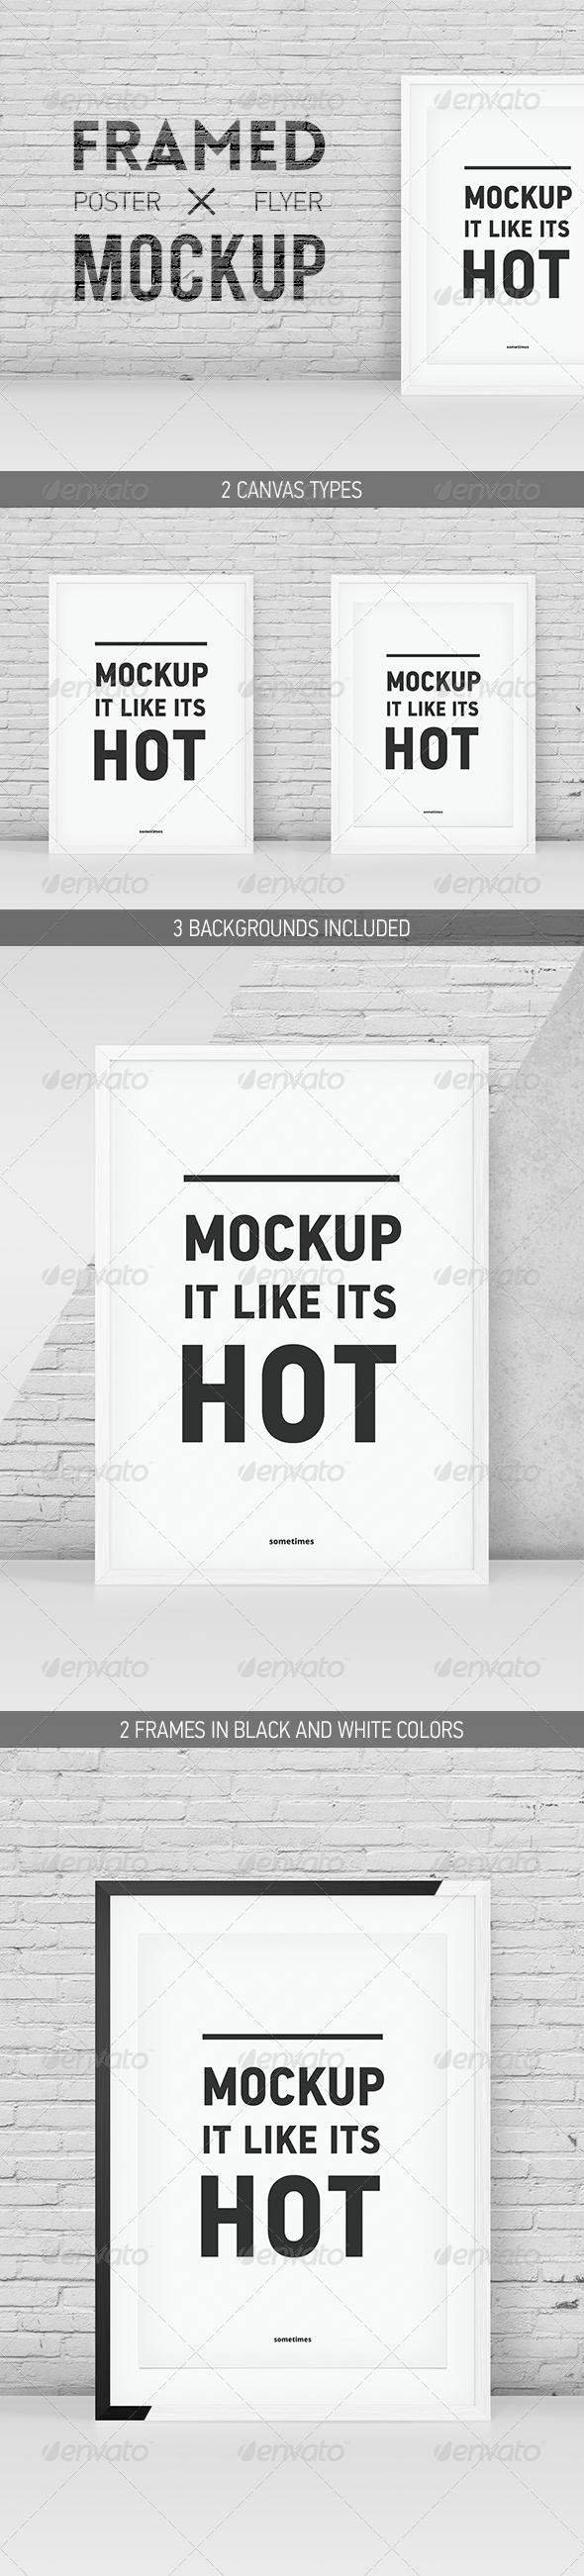 Minimalistic Framed Poster Flyer Mockup